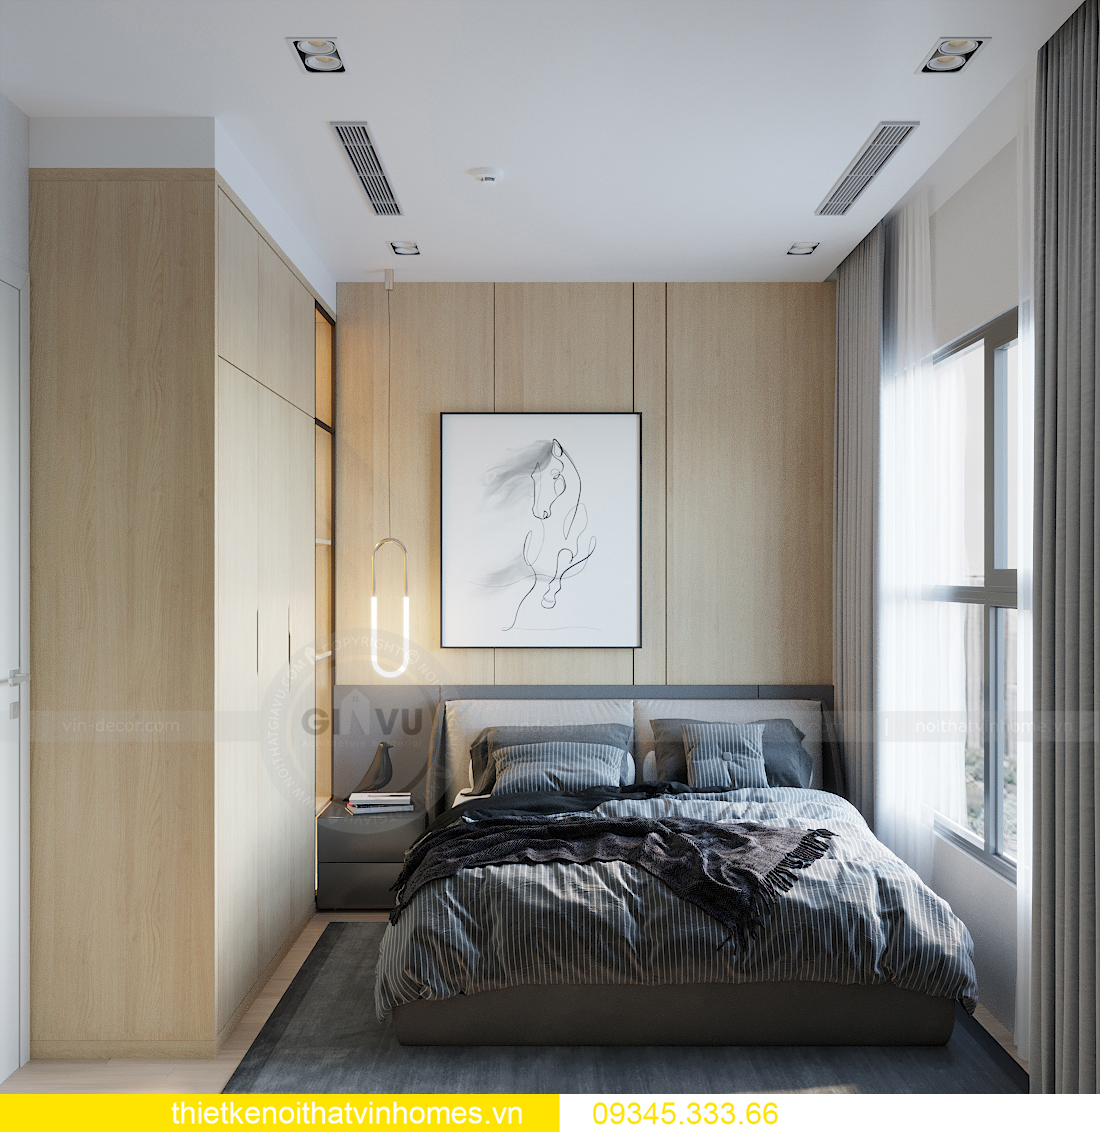 mẫu thiết kế nội thất căn hộ Smart City tòa S101 căn 11 6